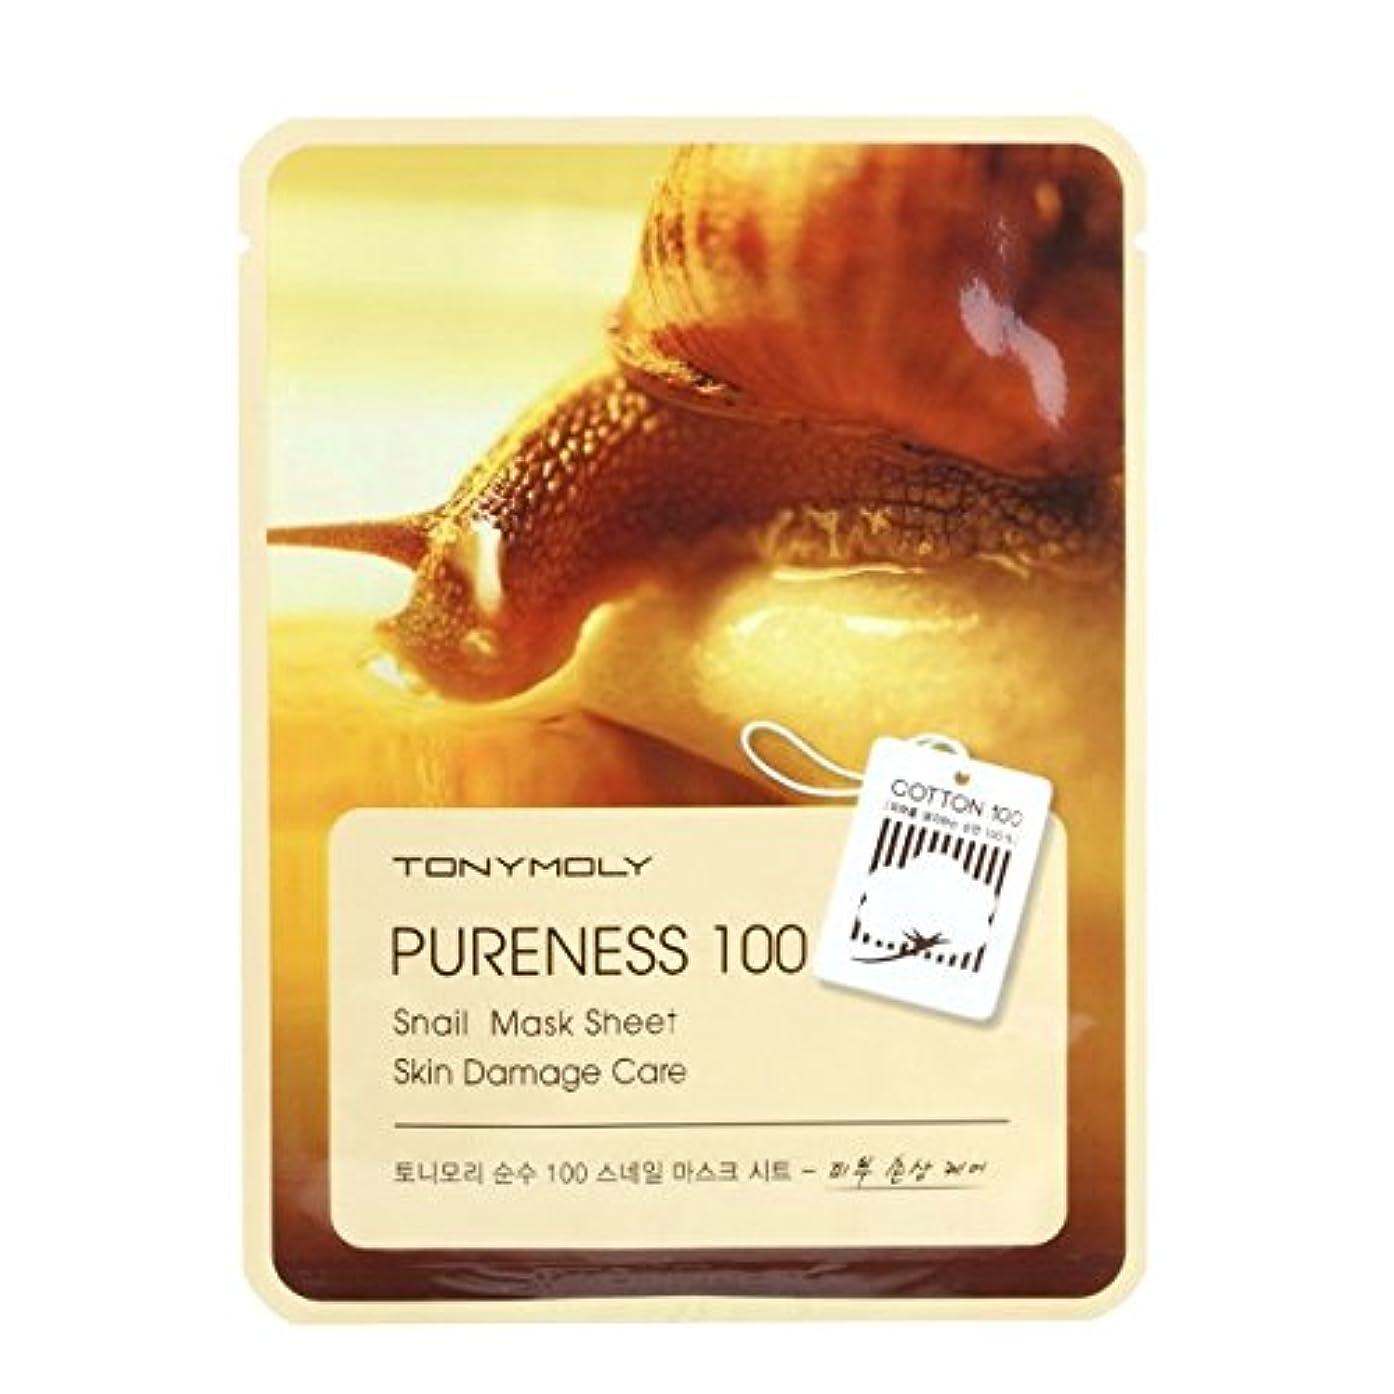 くそー縫う離す(3 Pack) TONYMOLY Pureness 100 Snail Mask Sheet Skin Damage Care (並行輸入品)